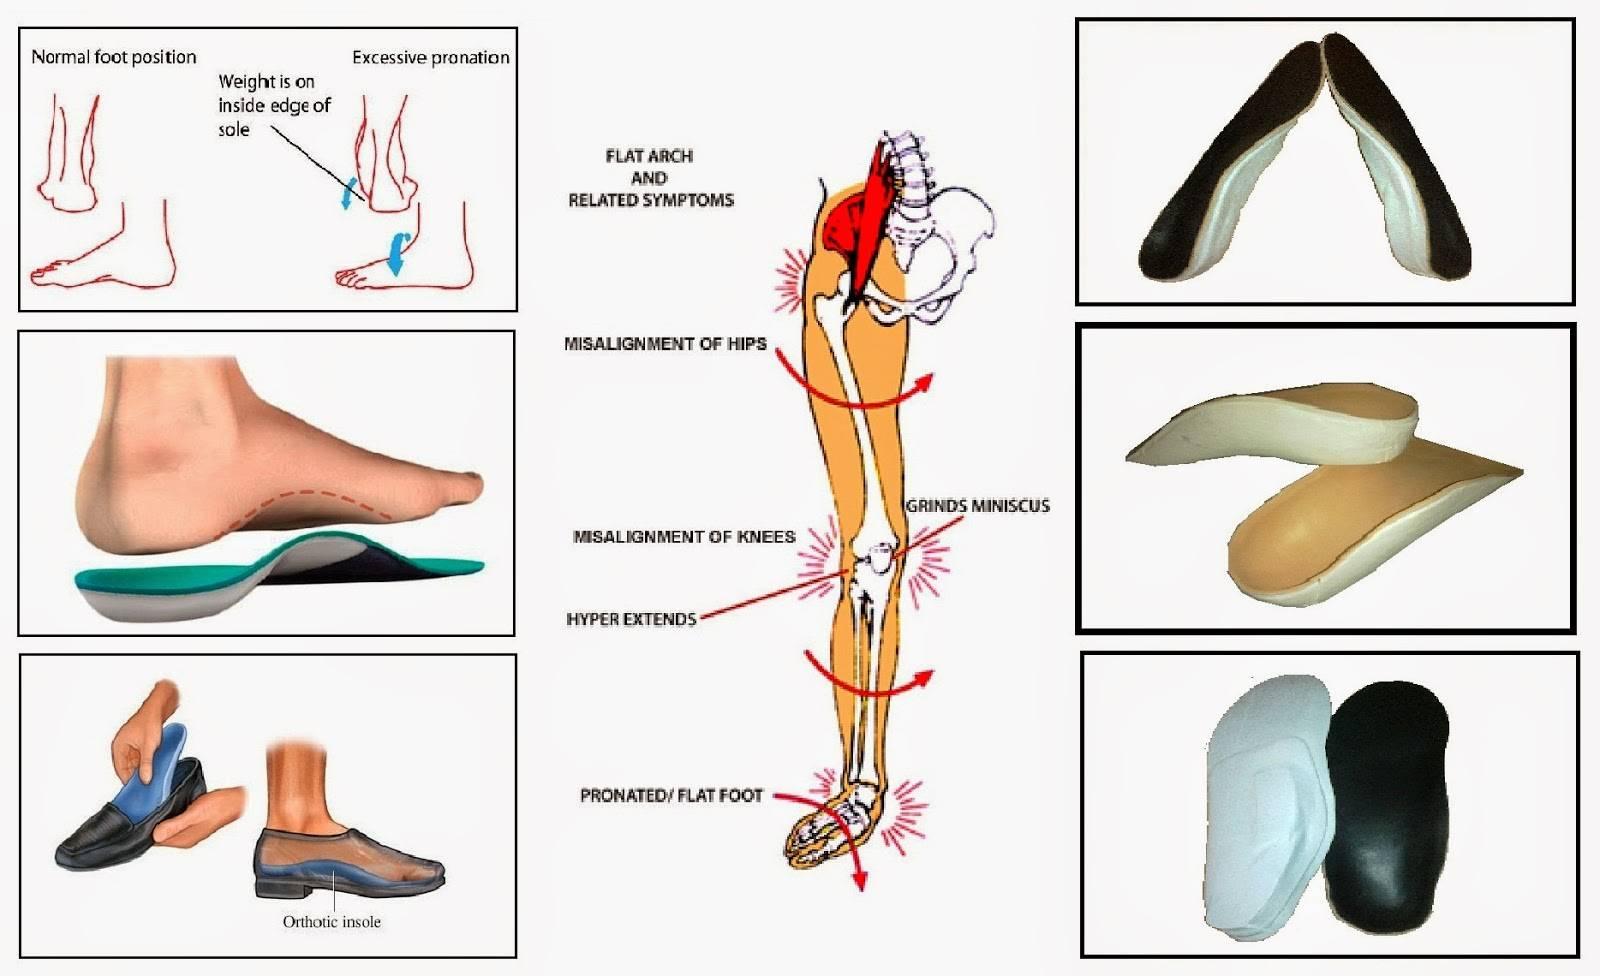 Ортопедические стельки для детей при плоскостопии с супинатором: правила выбора | покупки | vpolozhenii.com